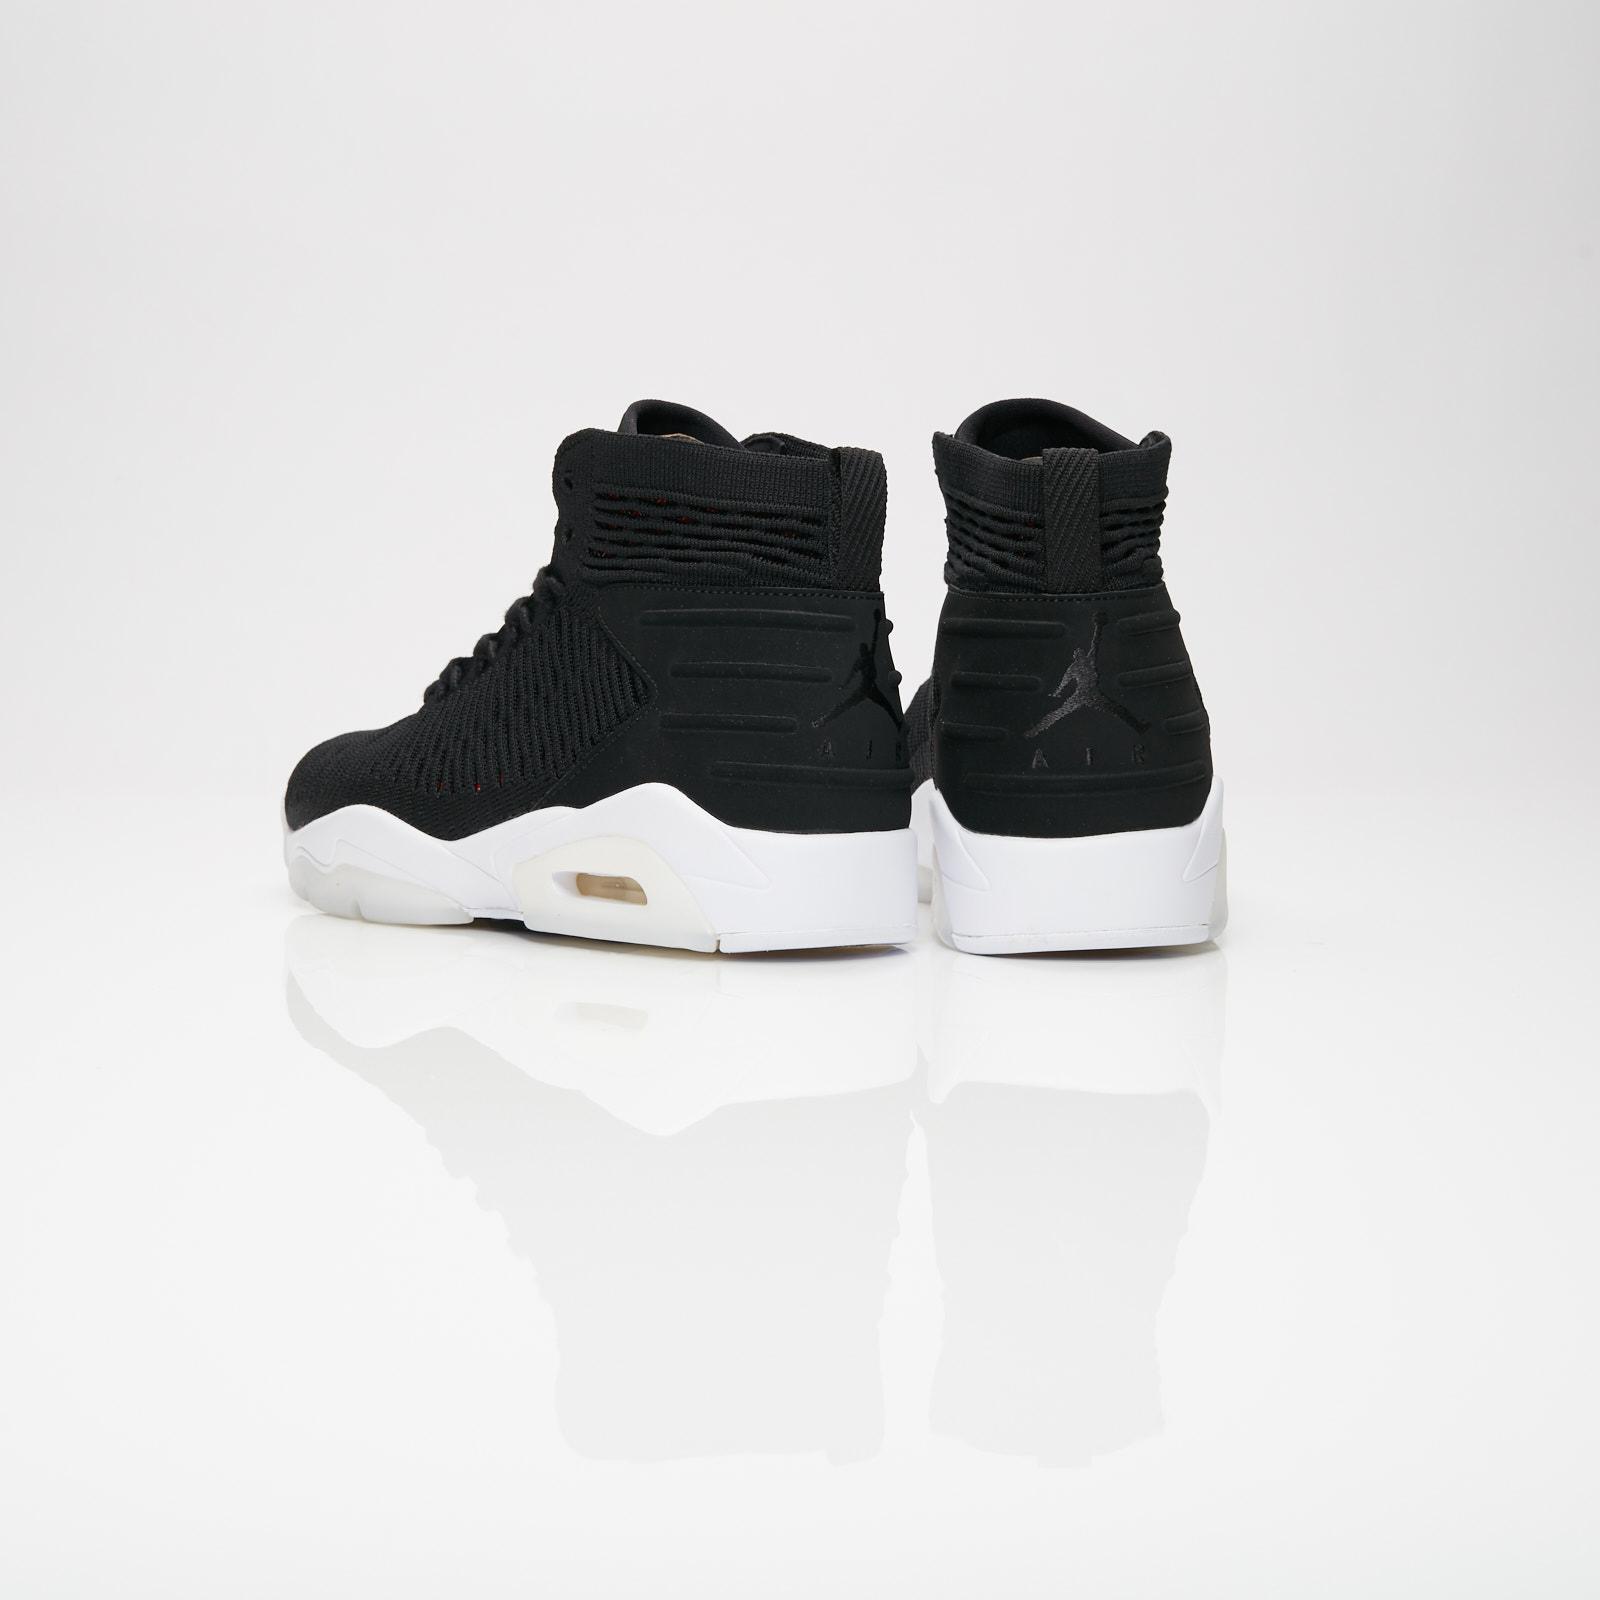 259dbb493f7 Jordan Brand Flyknit Elevation 23 - Aj8207-023 - Sneakersnstuff | sneakers  & streetwear en ligne depuis 1999